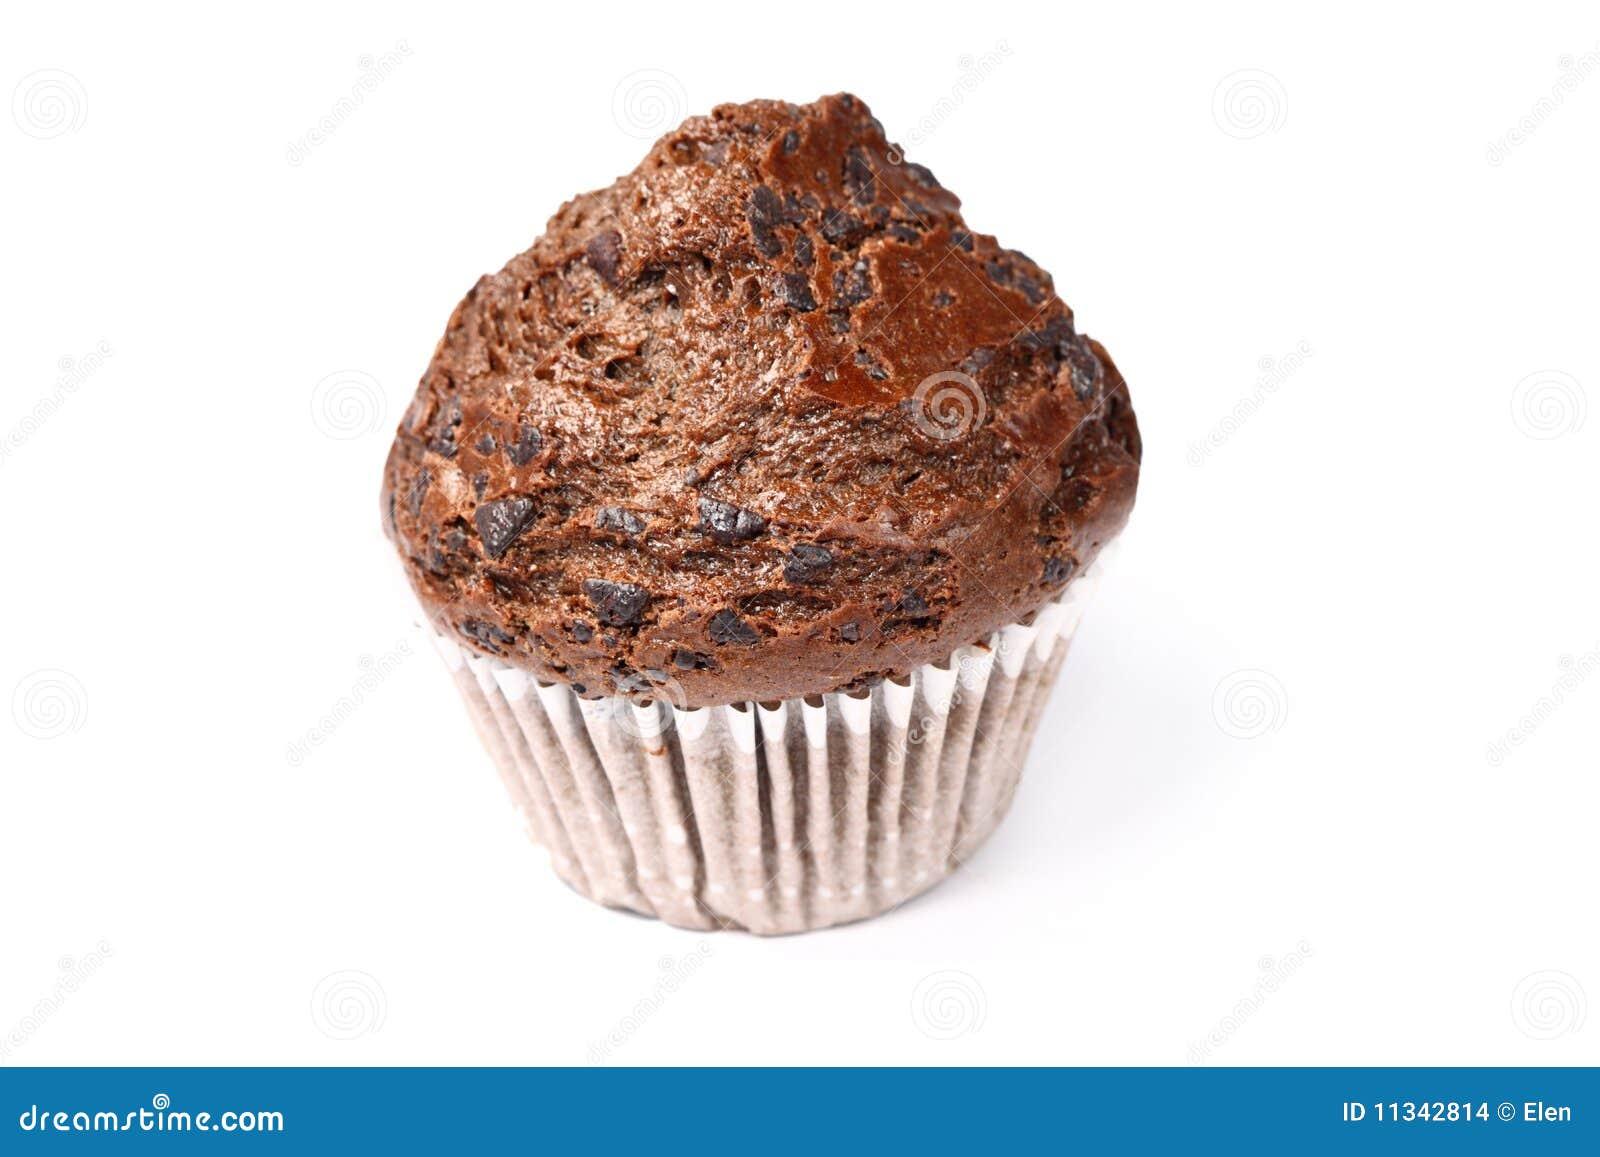 Tasty Chocolate Cake Images : Tasty Chocolate Cake Stock Images - Image: 11342814